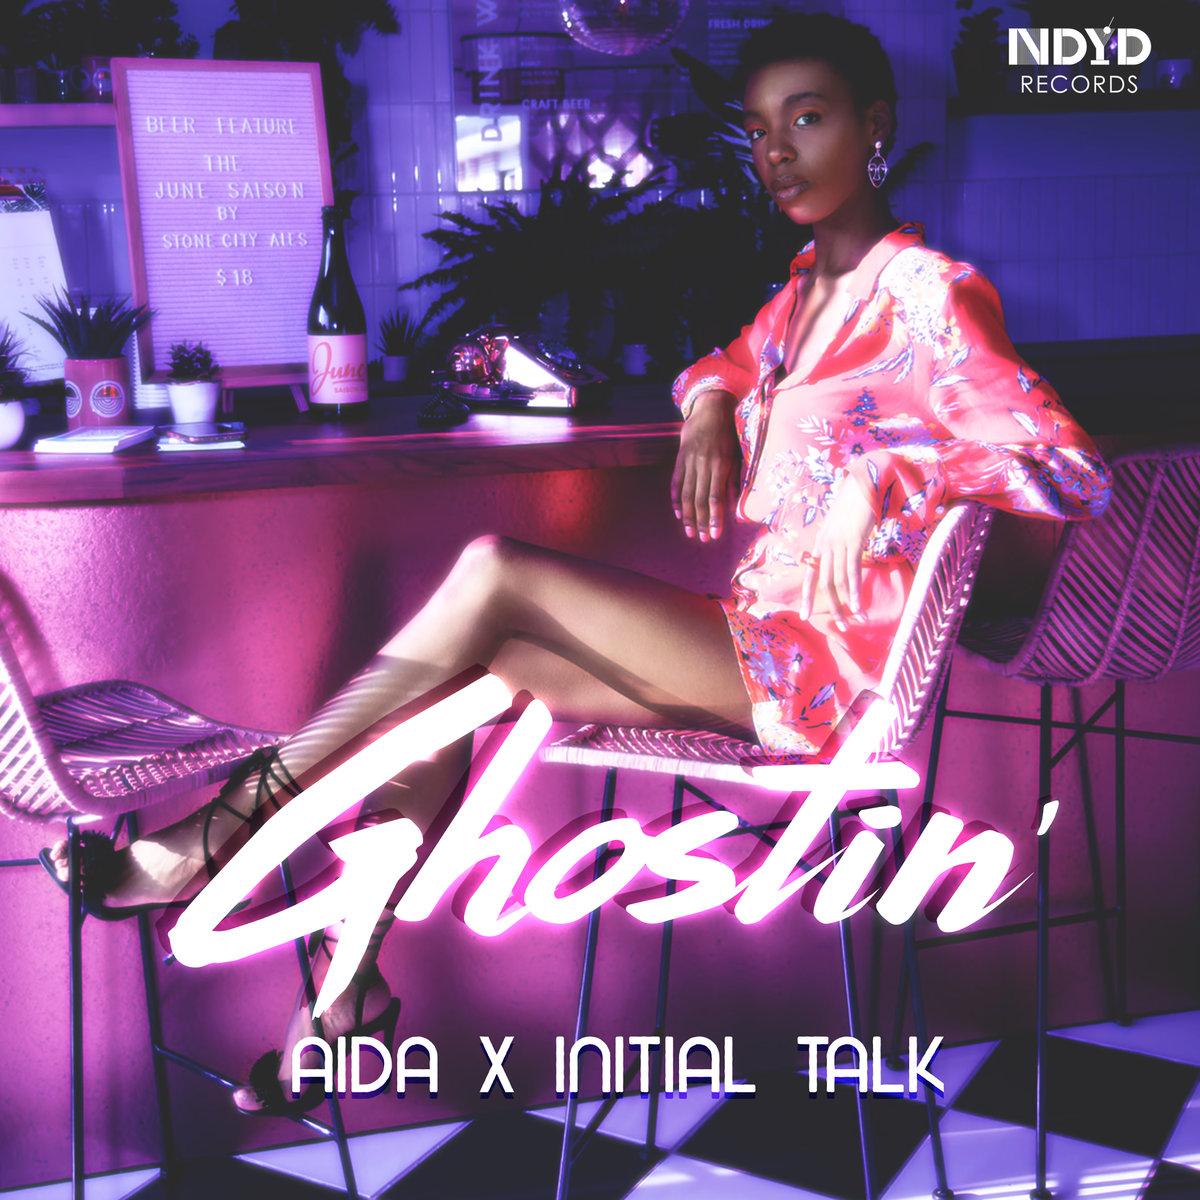 Aida-x-Initial-Talk